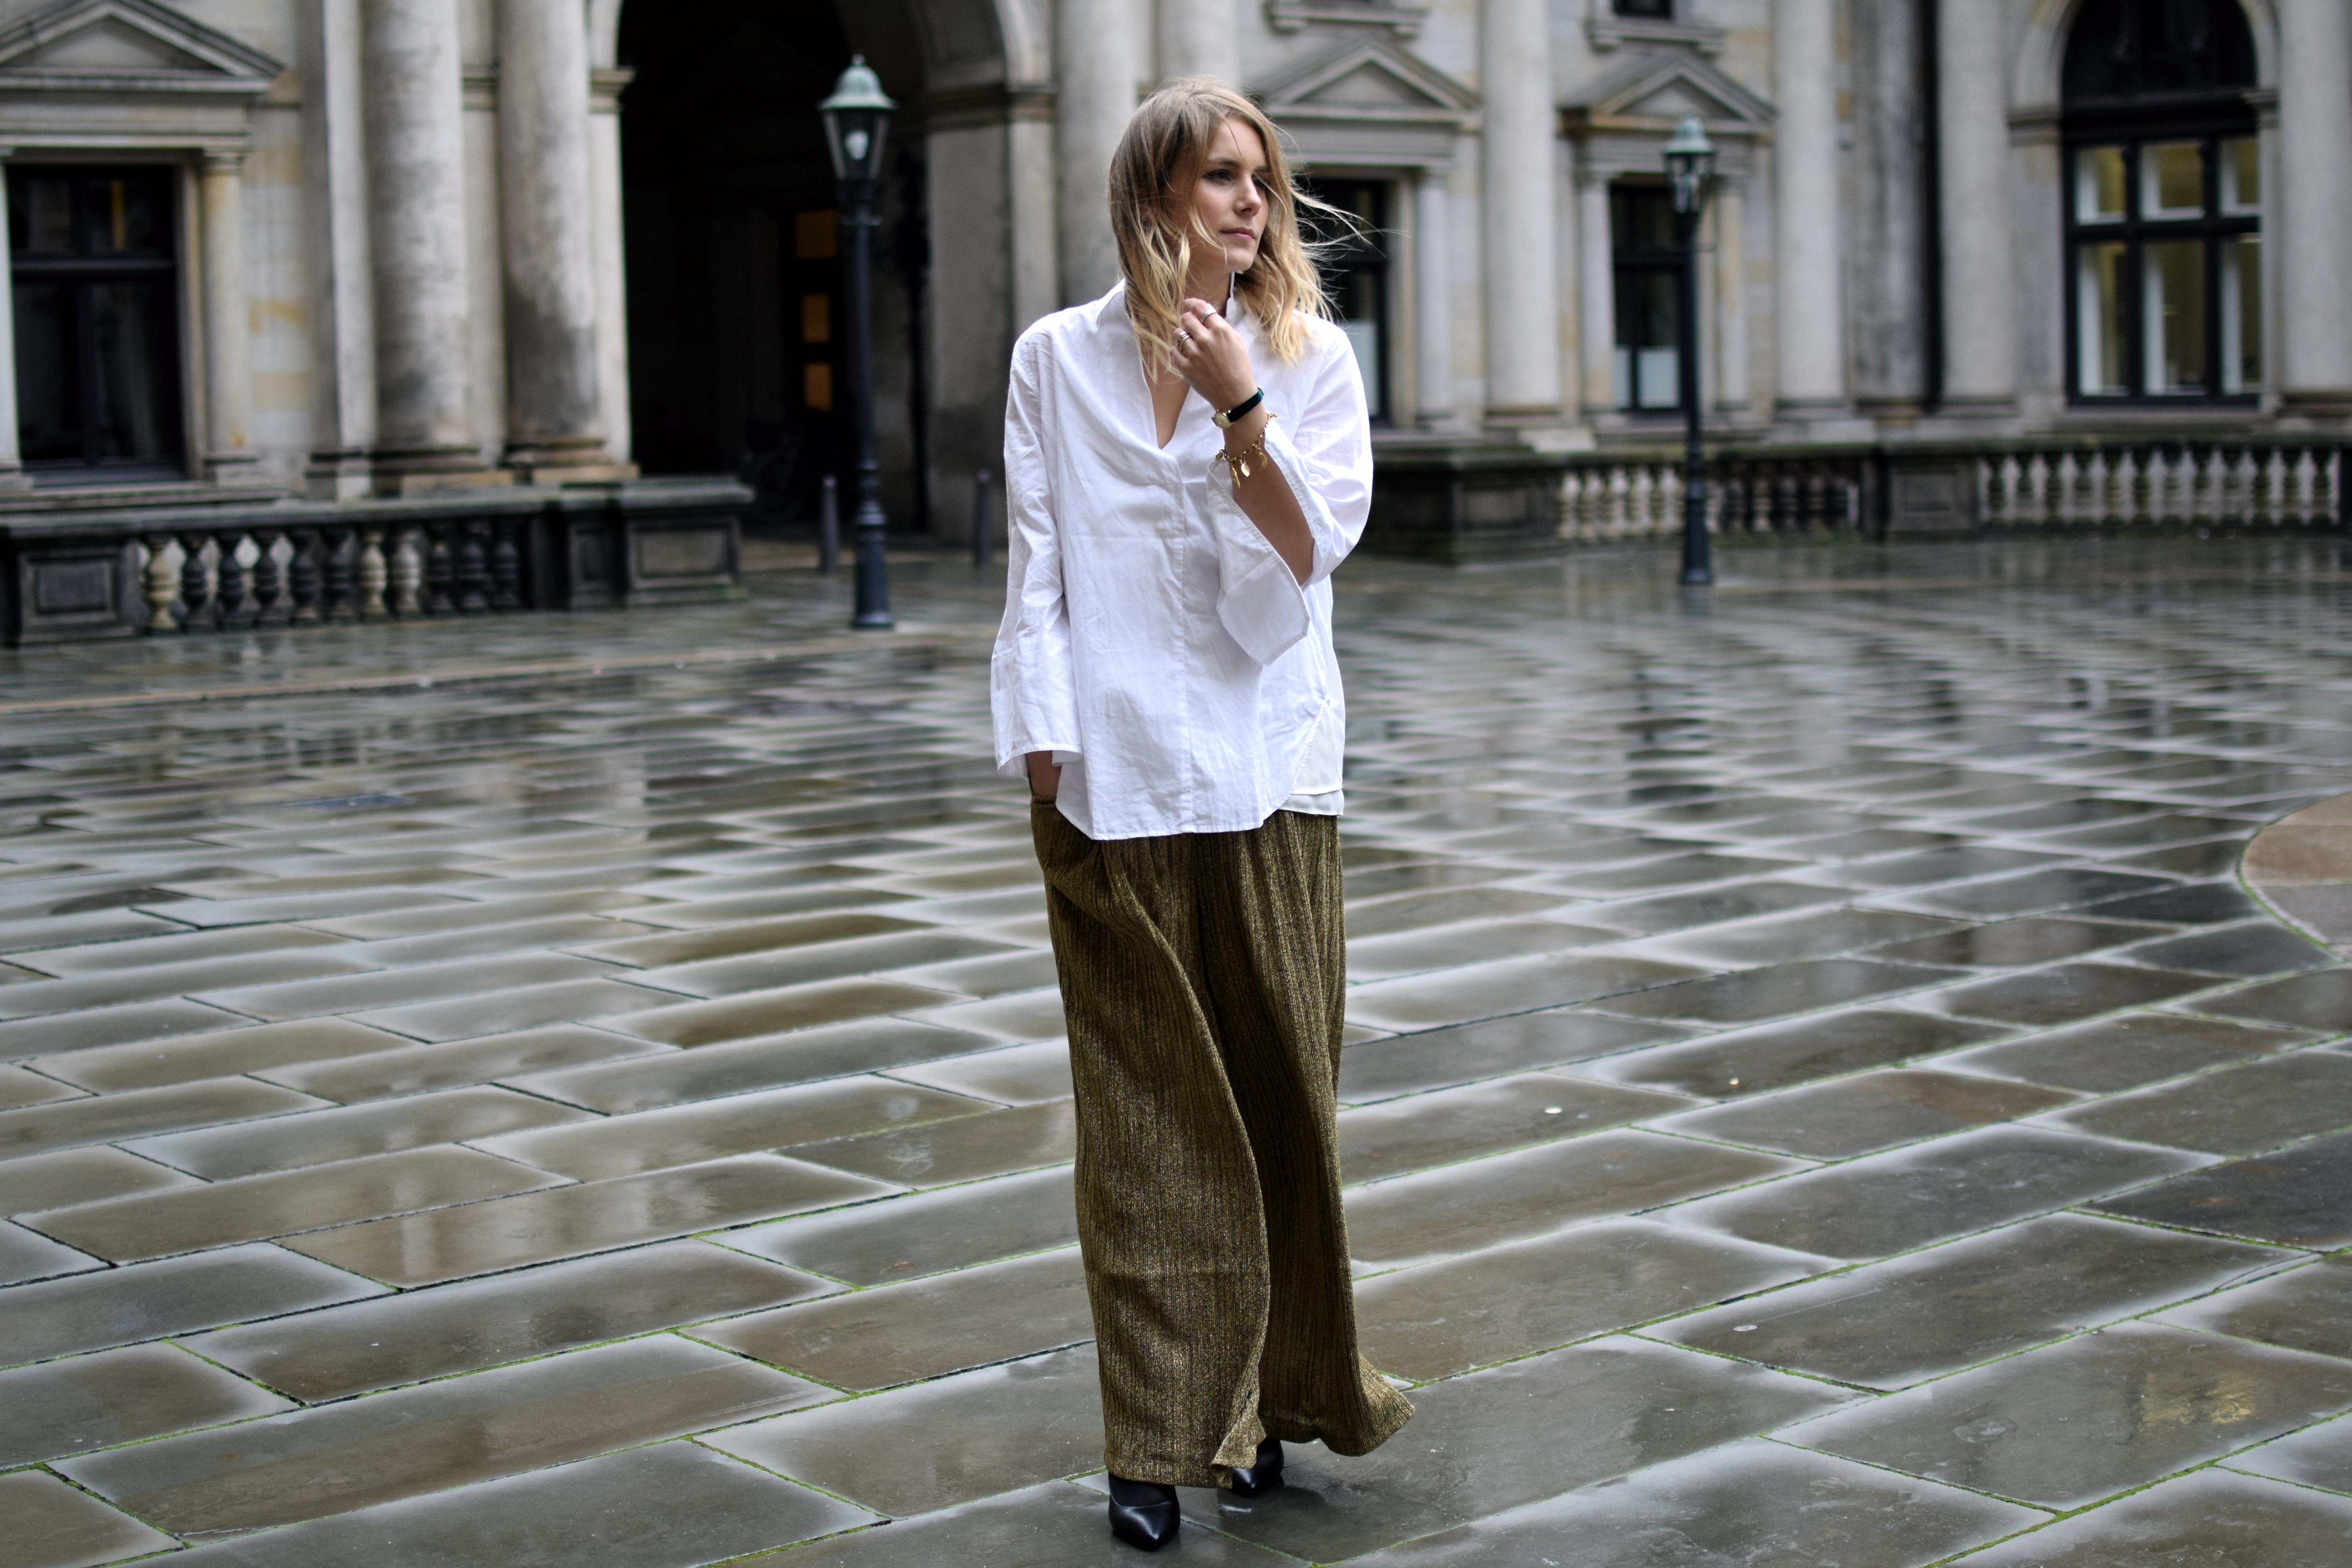 1d431da81d489f goldene Plisseehose und weiße Bluse - Shoppisticated